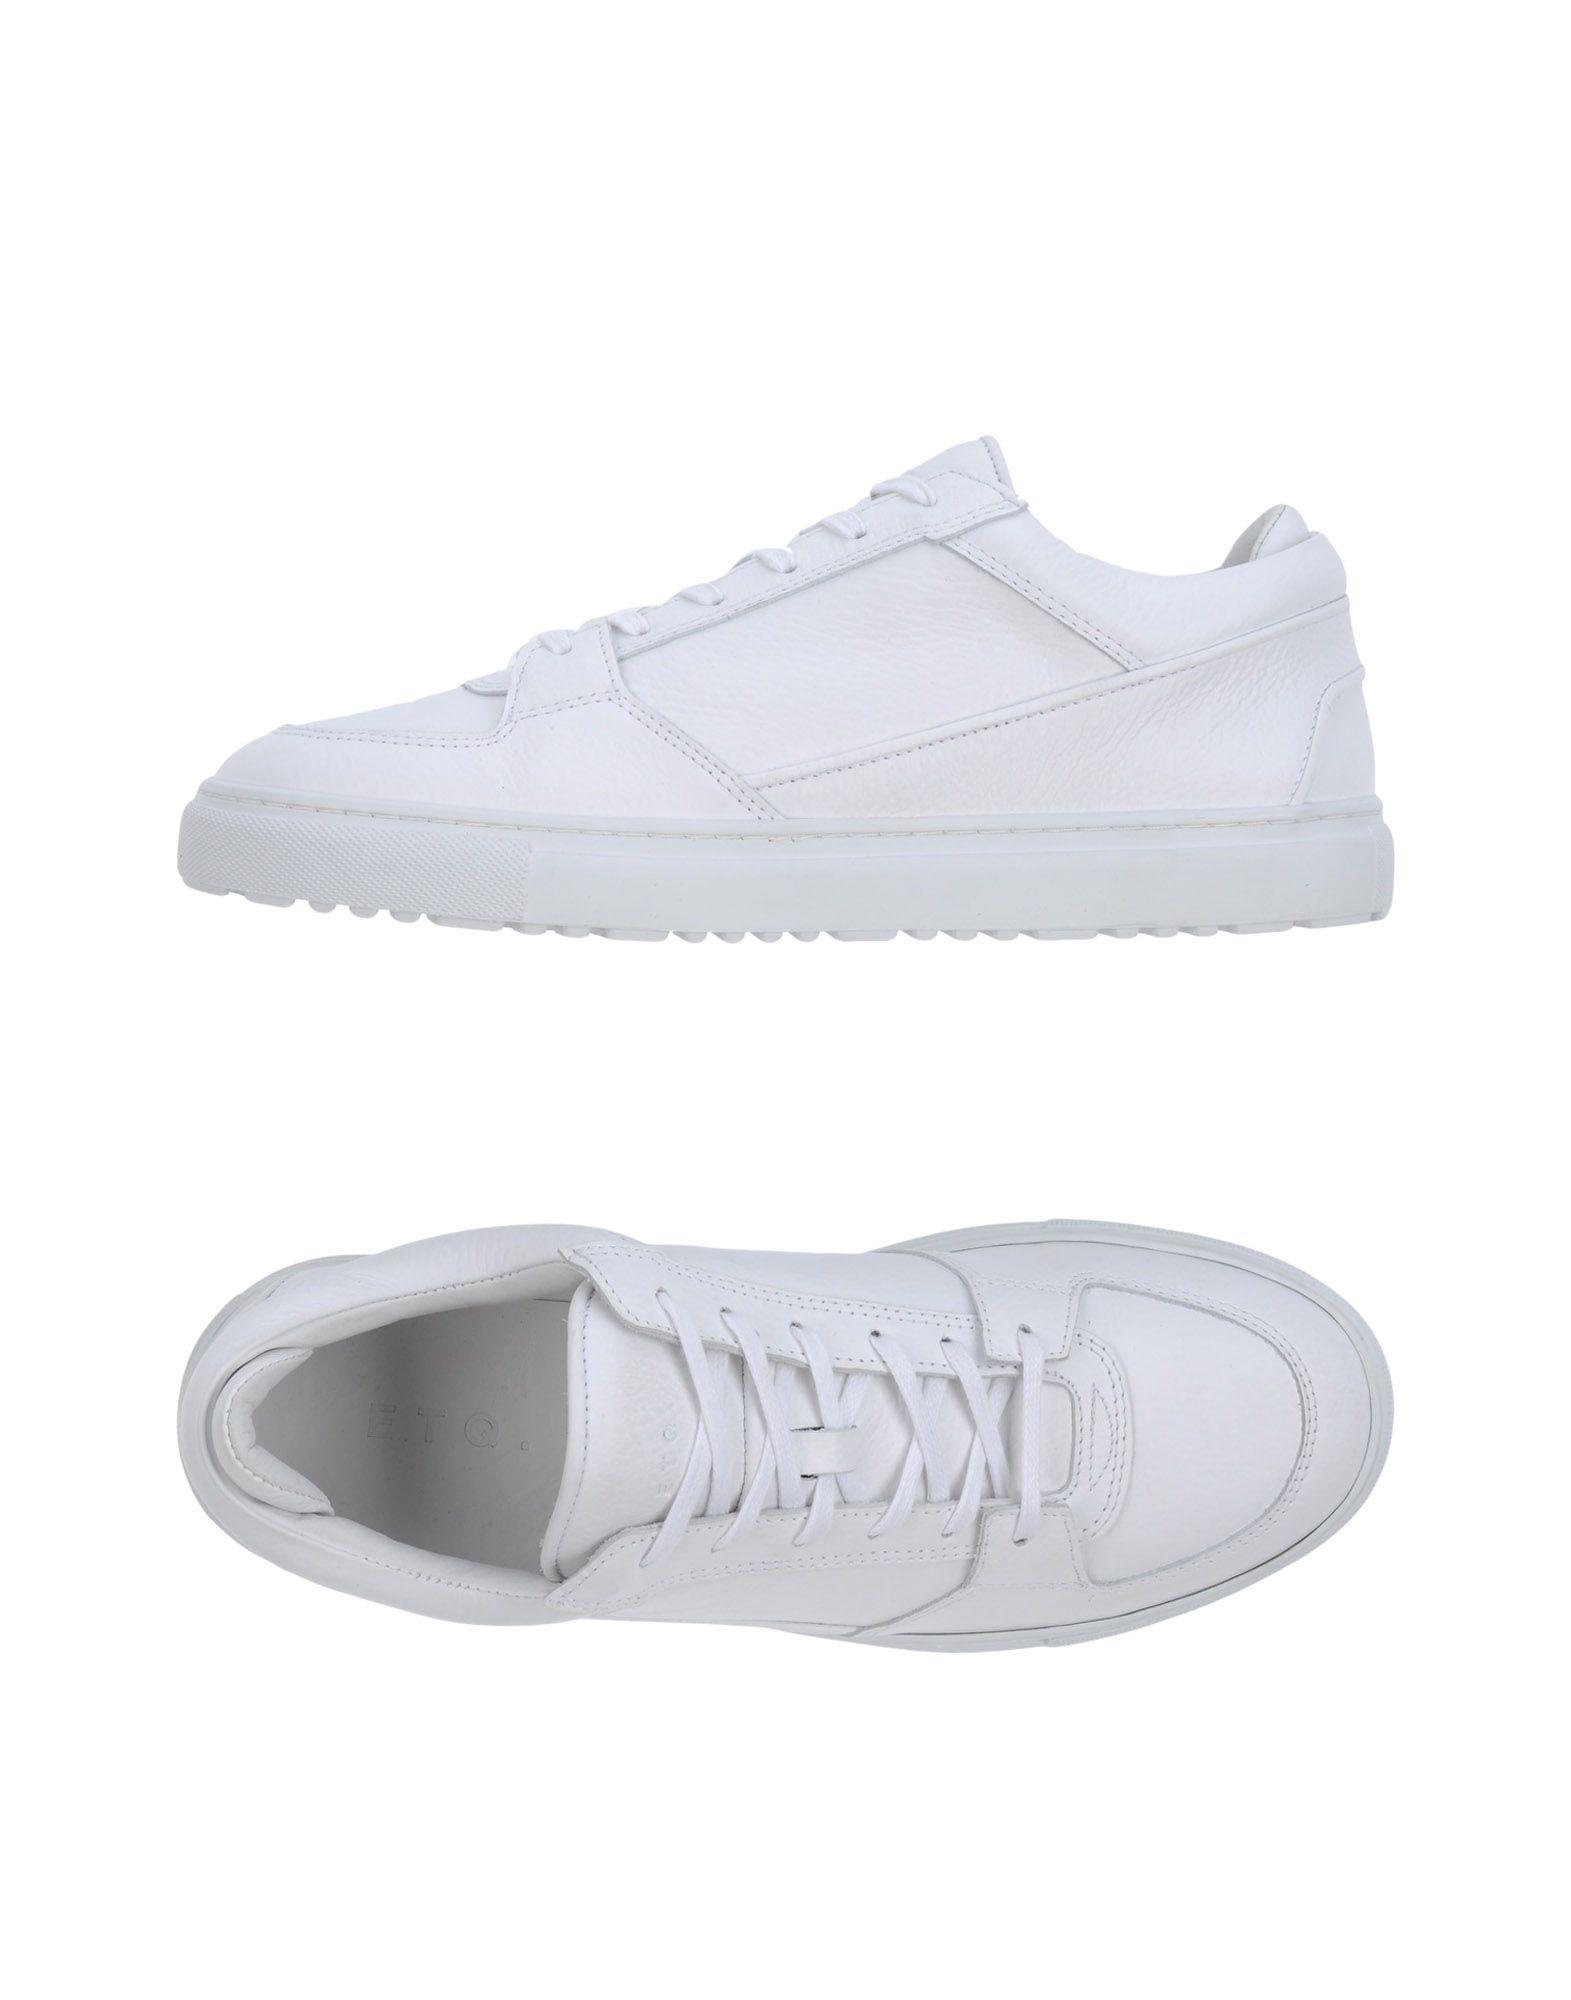 Sneakers homme en ligne   hautes, basses, slip-on, sport ou élégantes 140a6f571b7